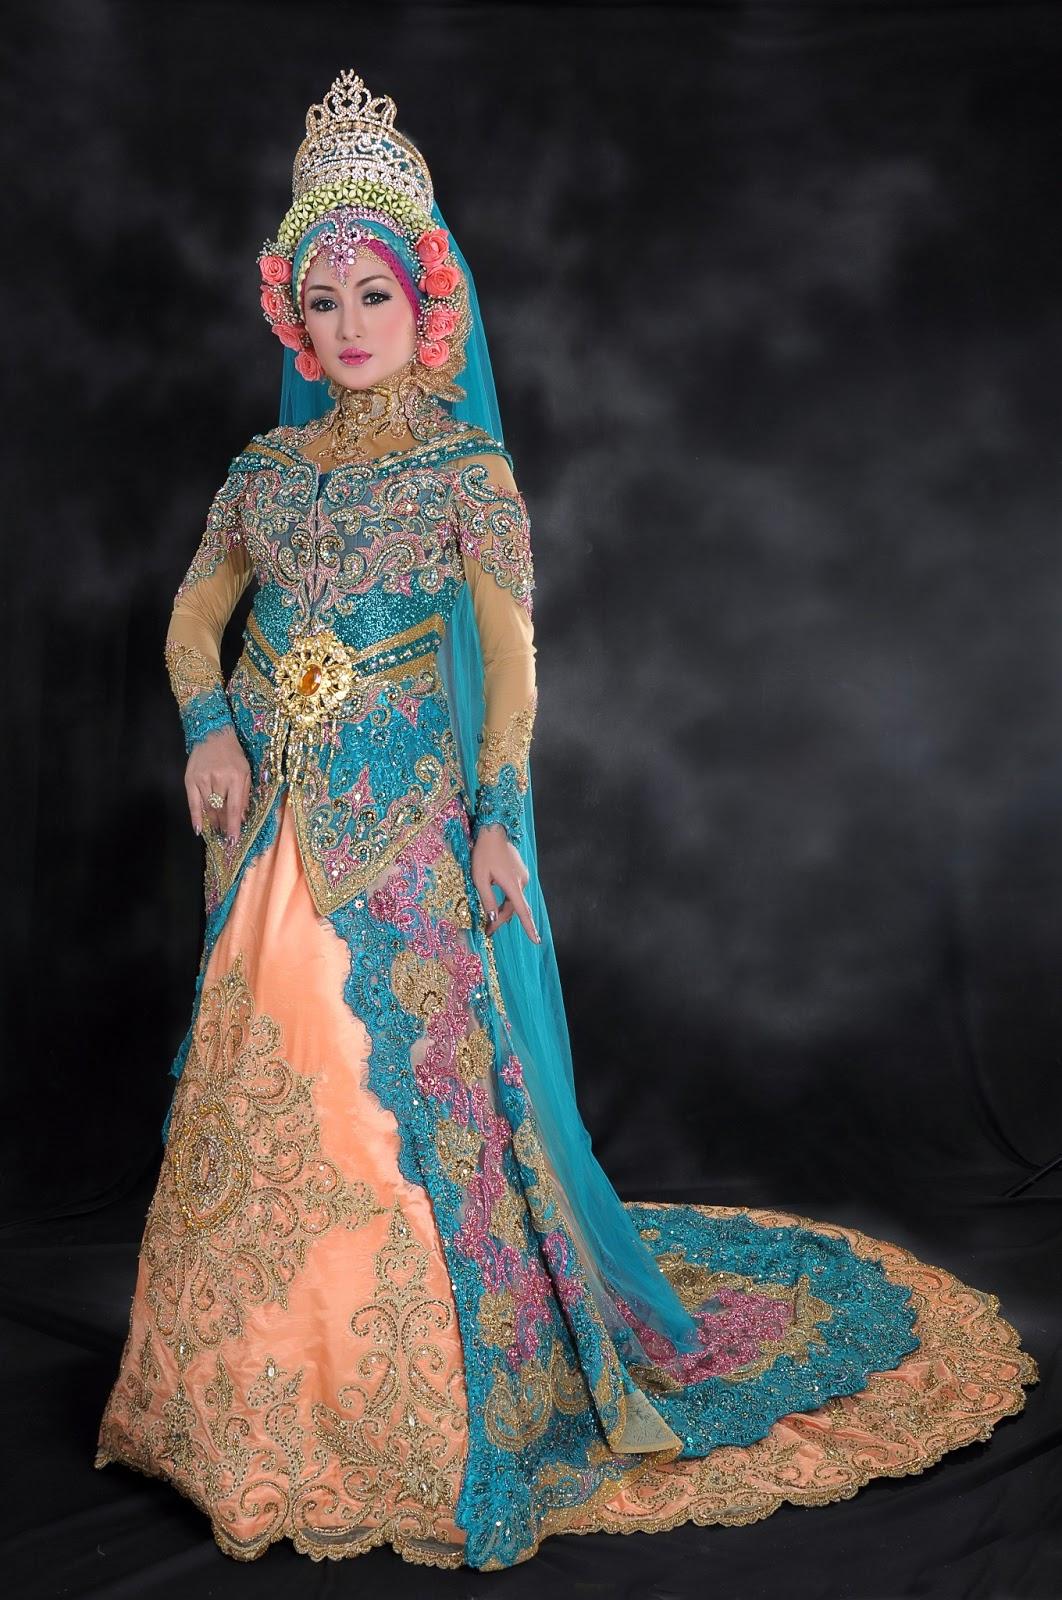 az zahra professional wedding organizer